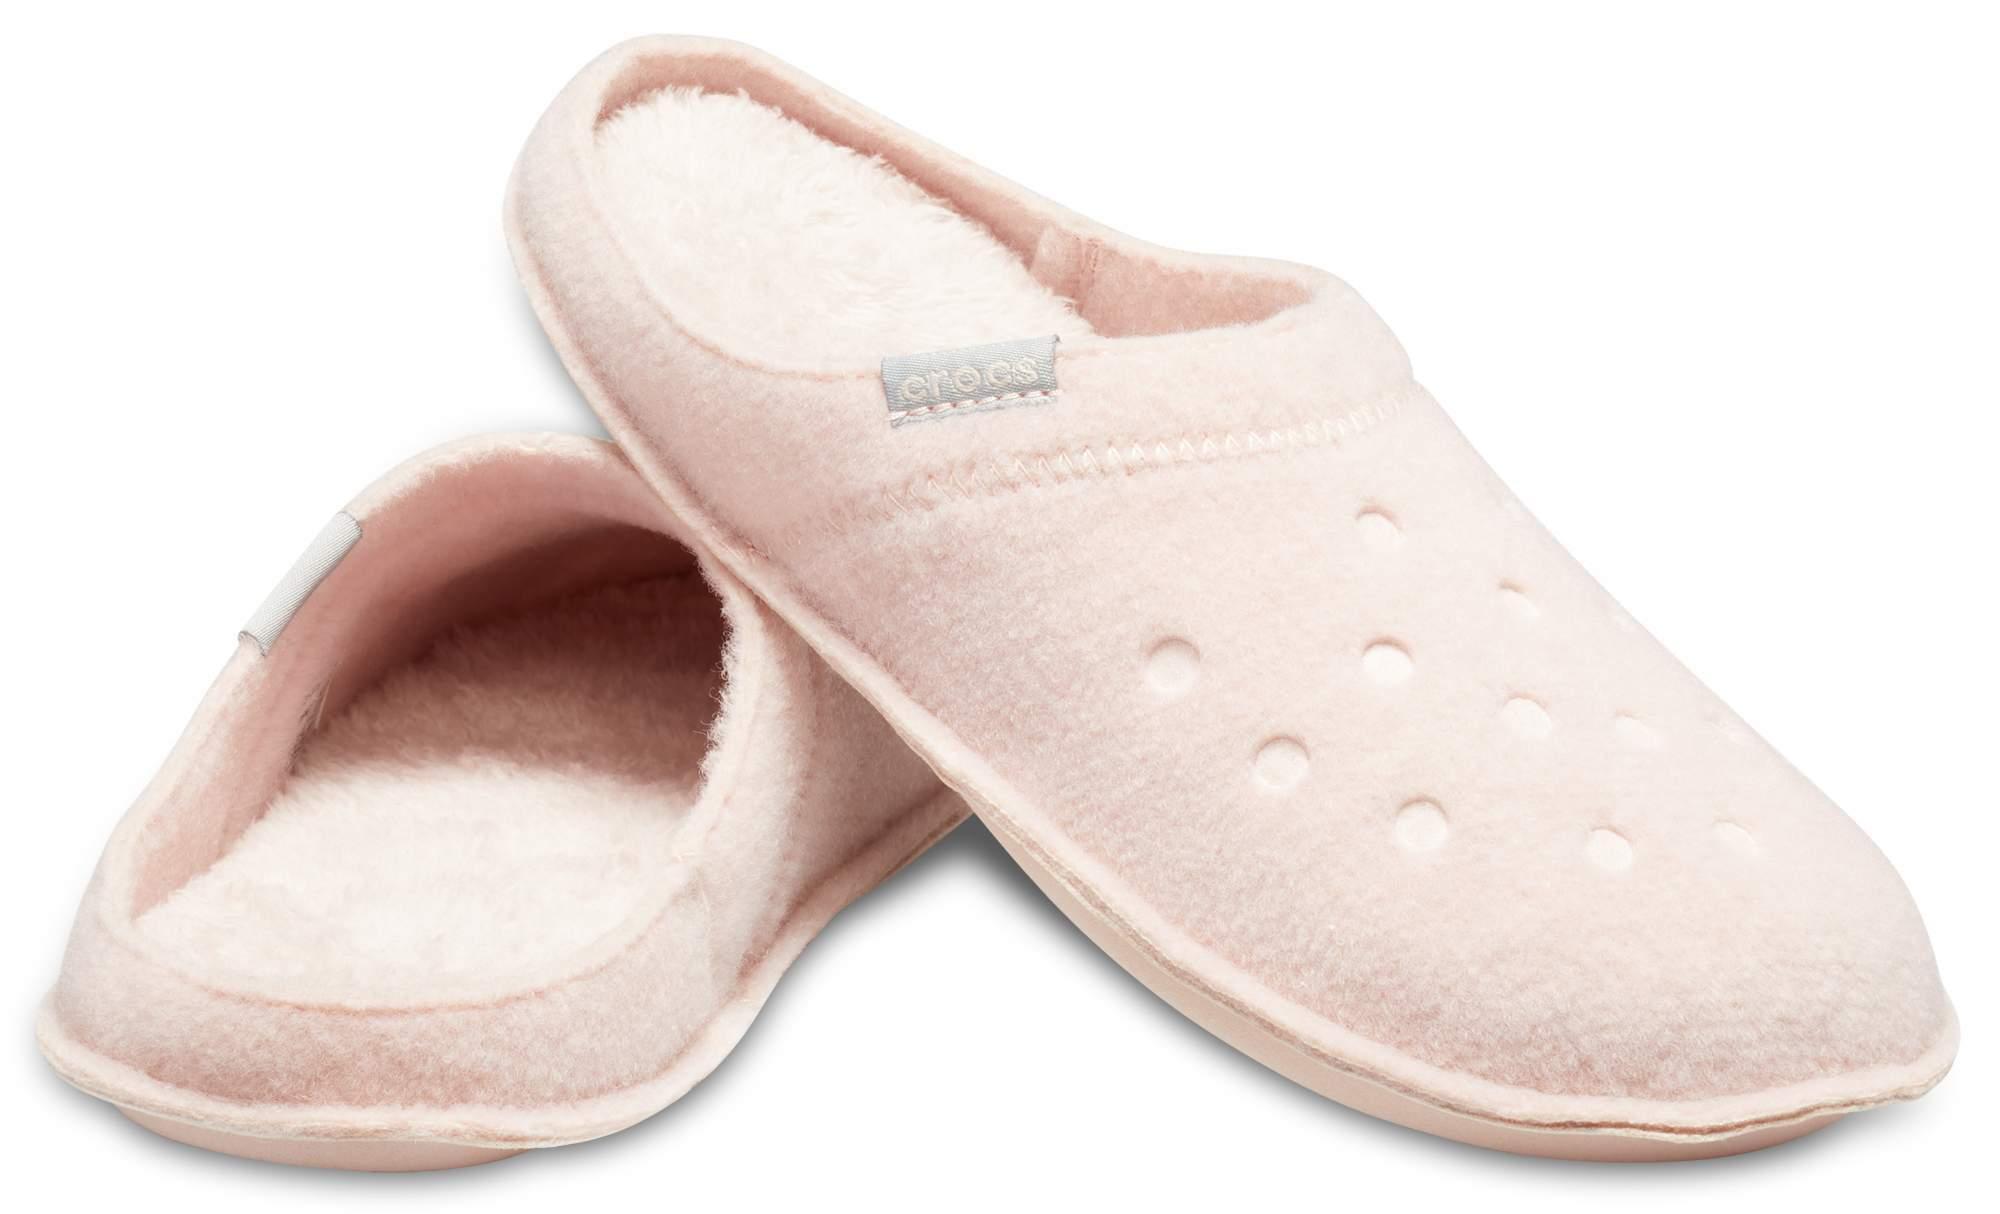 【クロックス公式】 クラシック スリッパ Classic Slipper ユニセックス、メンズ、レディース、男女兼用 ピンク/ピンク 22cm slipper